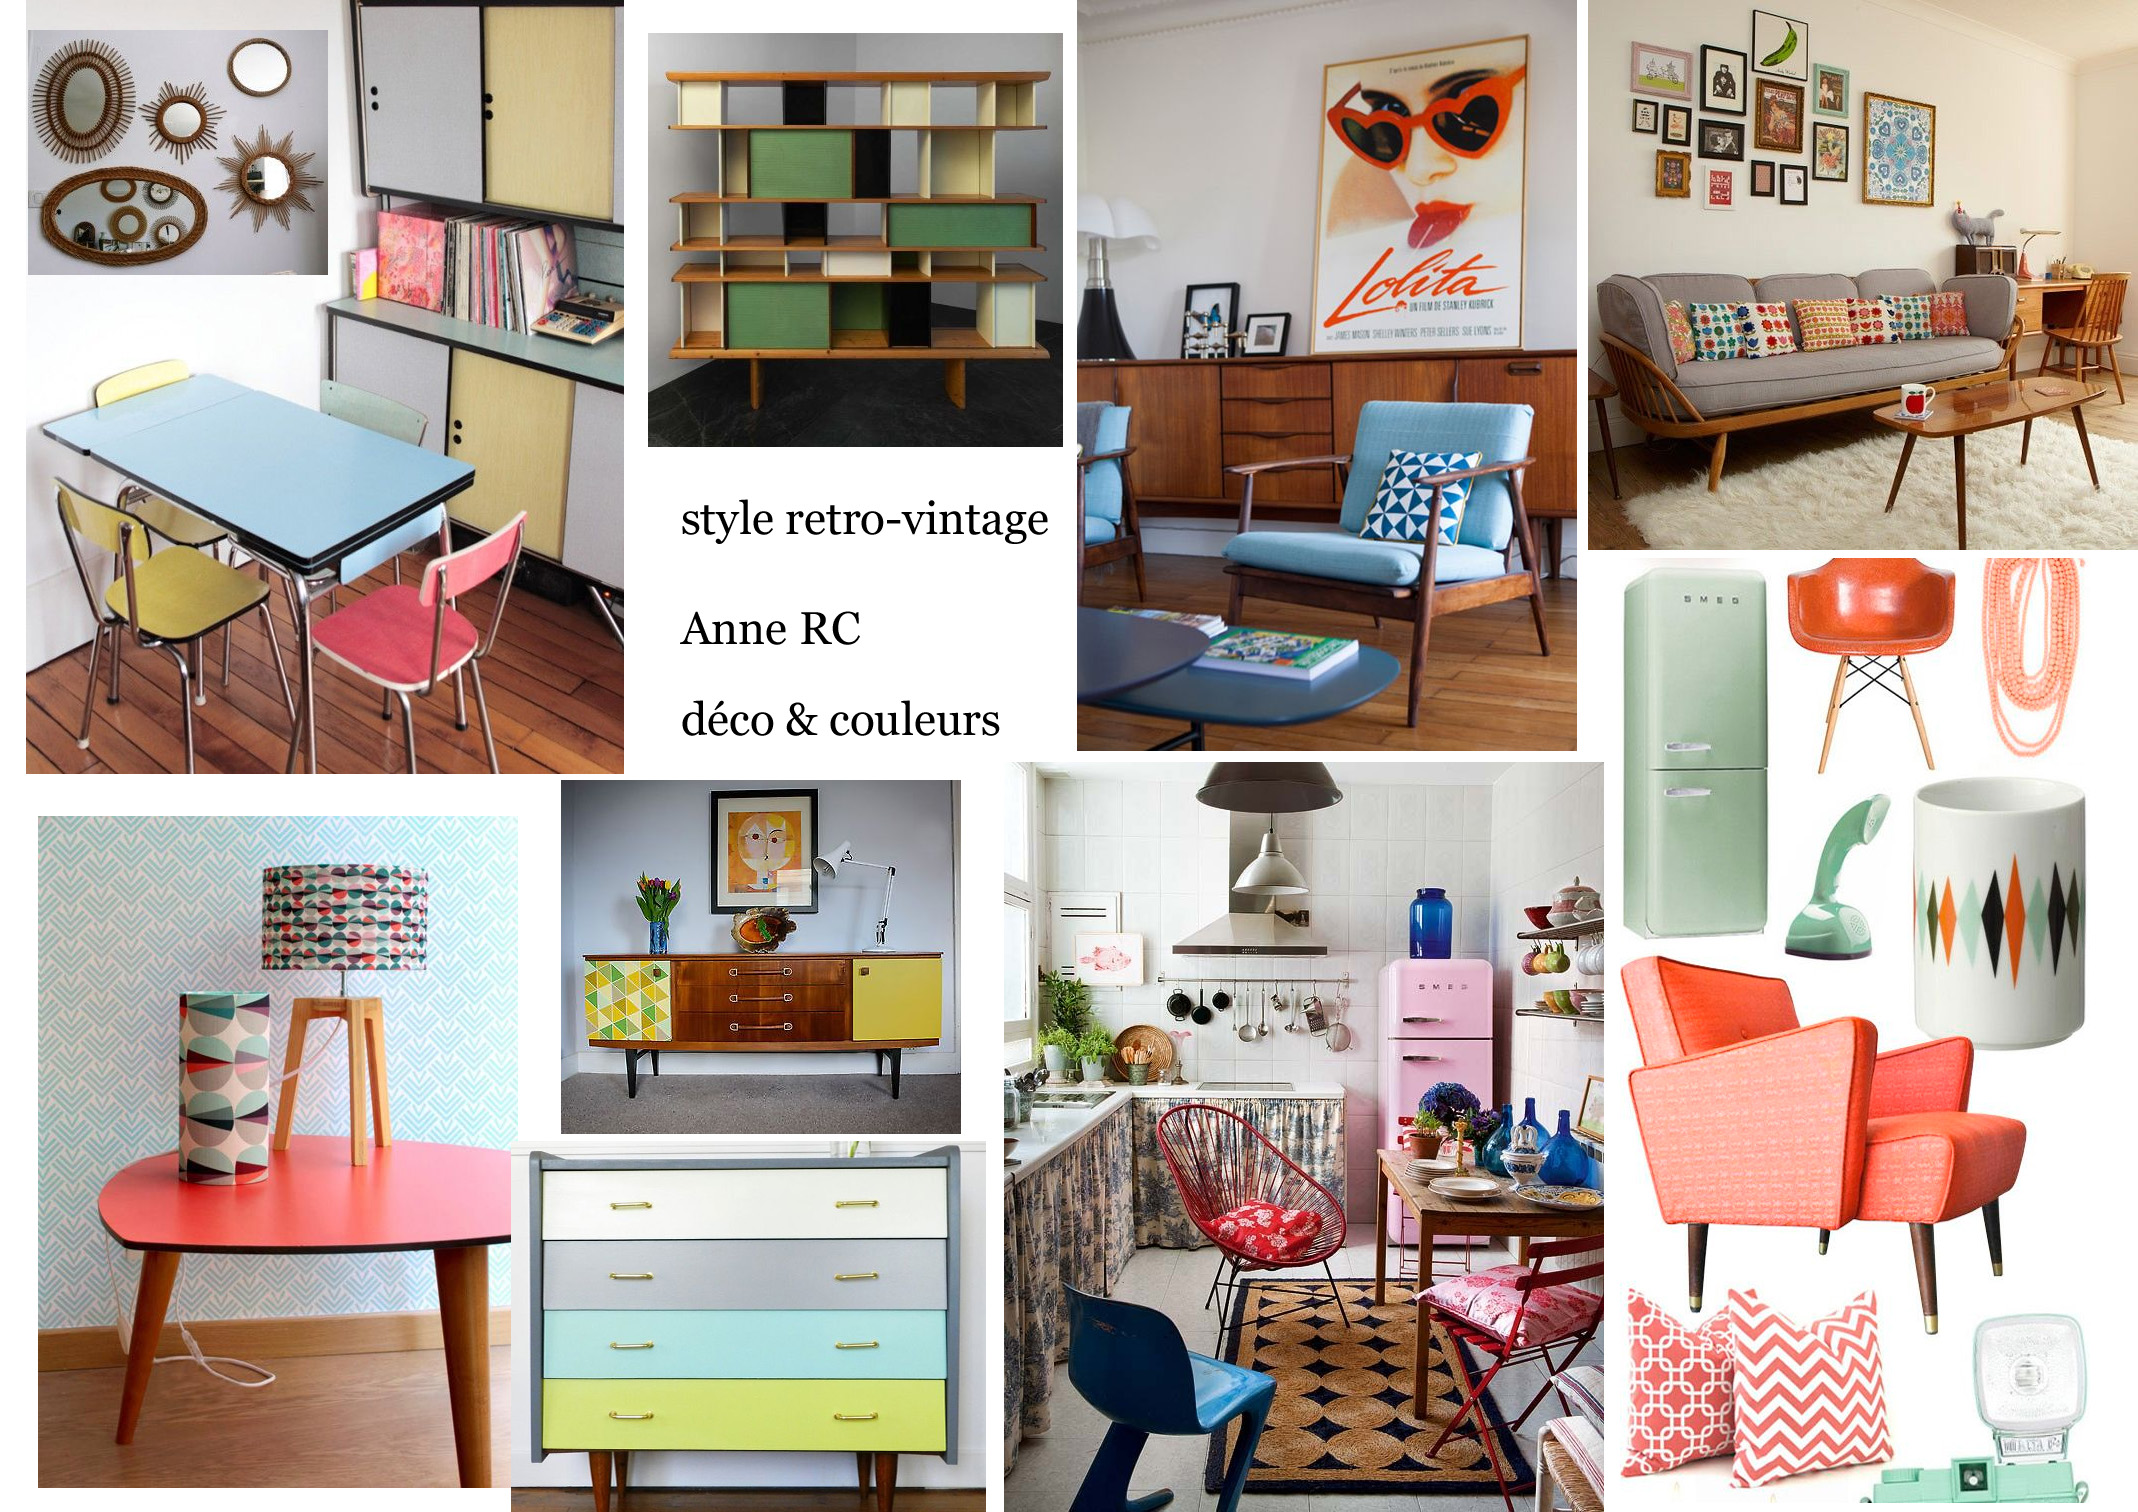 Style r tro vintage copier d co couleurs - Planche d ambiance ...